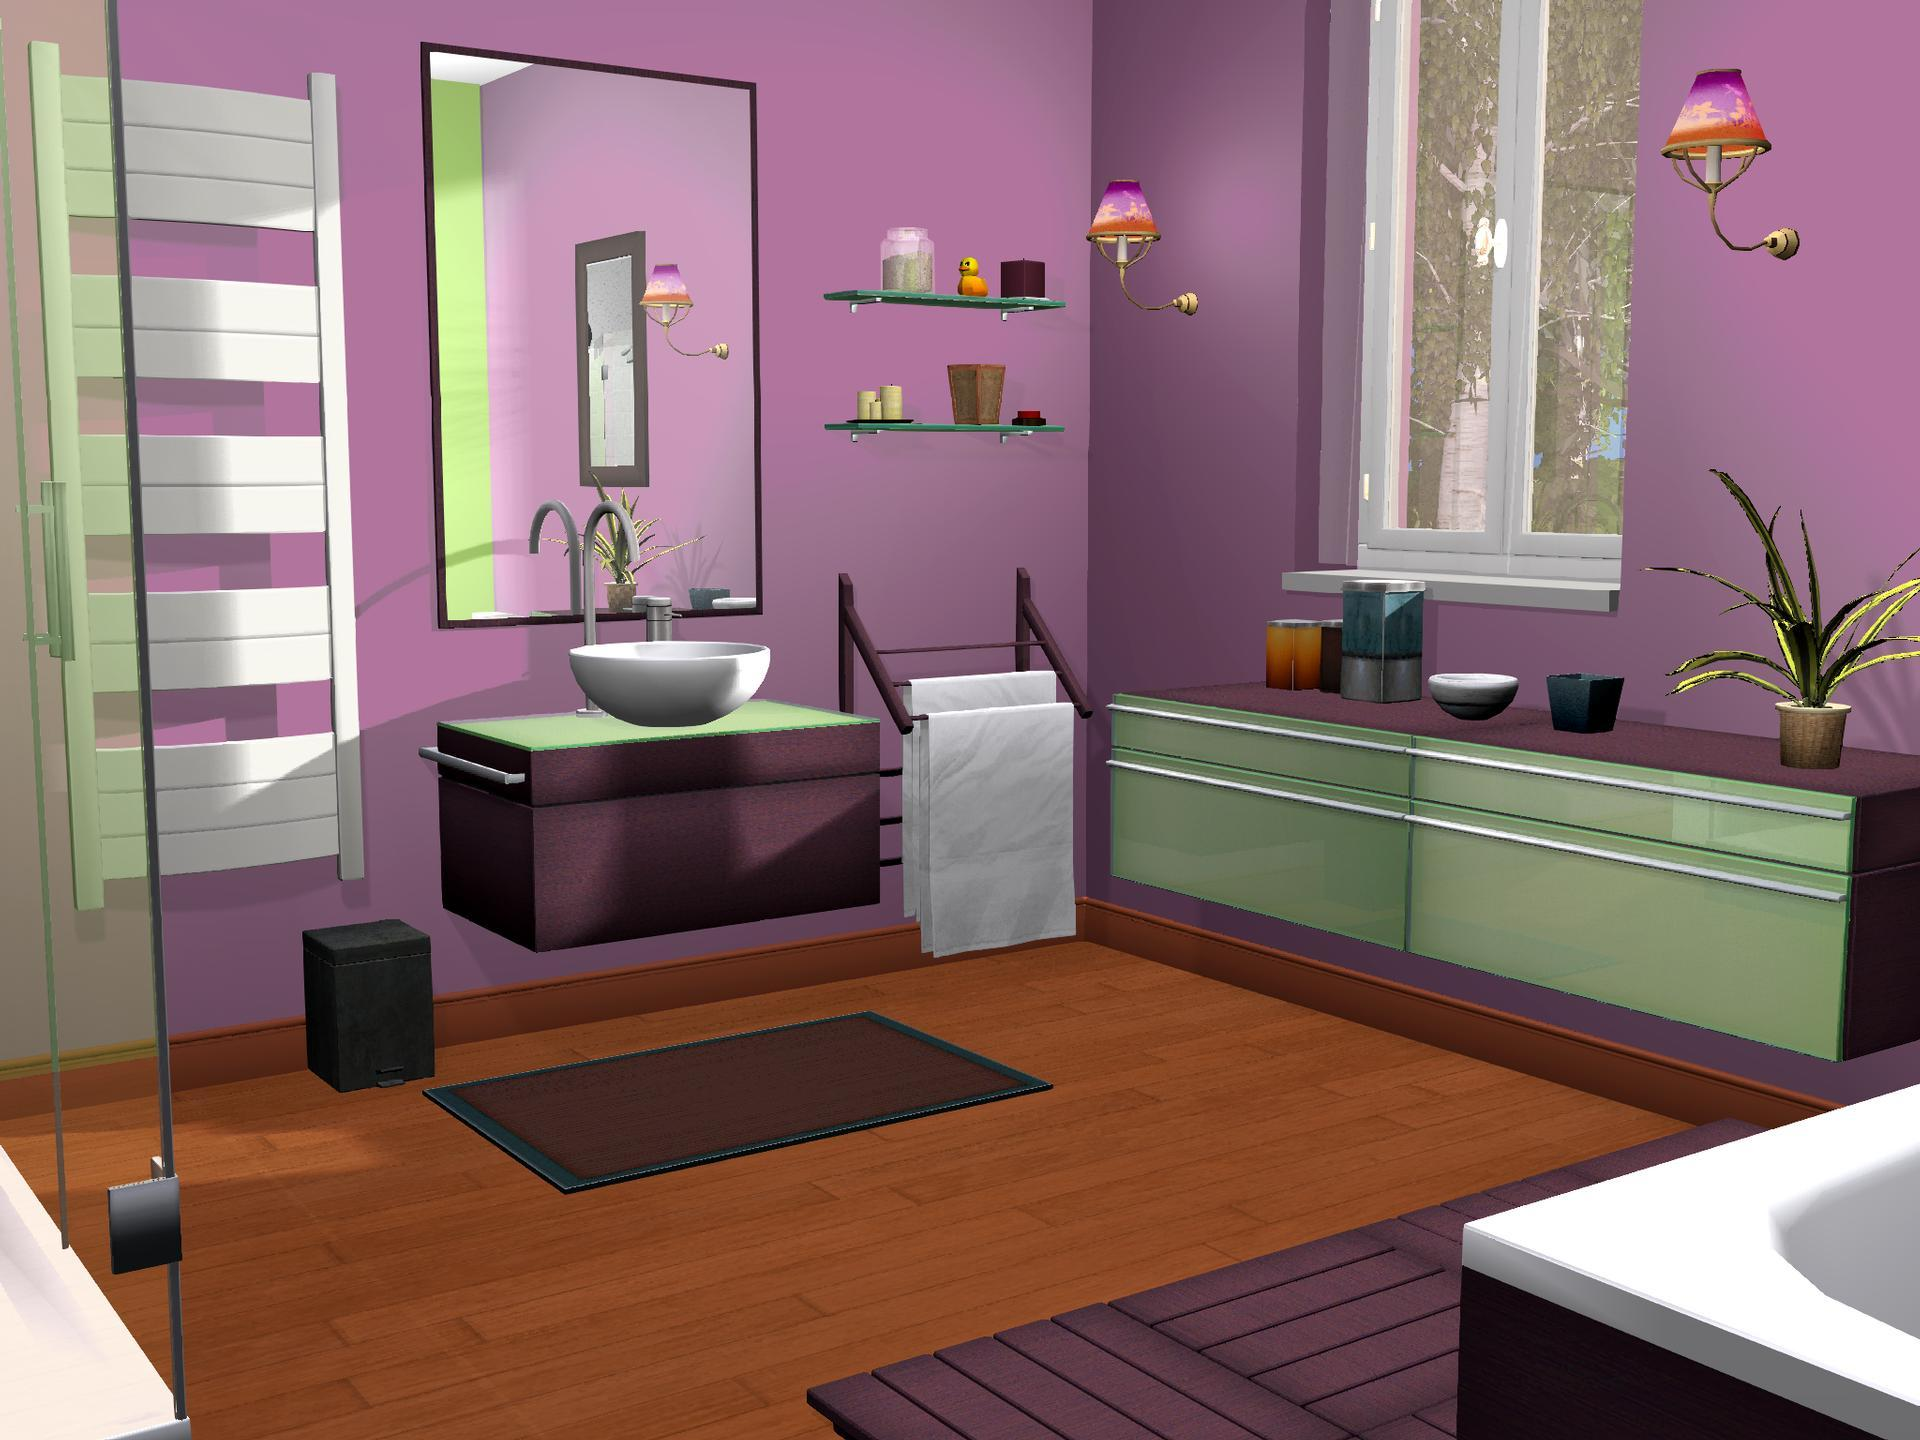 3d architecte avanc logiciel architecture 3d pour for Logiciel gratuit maison 3d facile